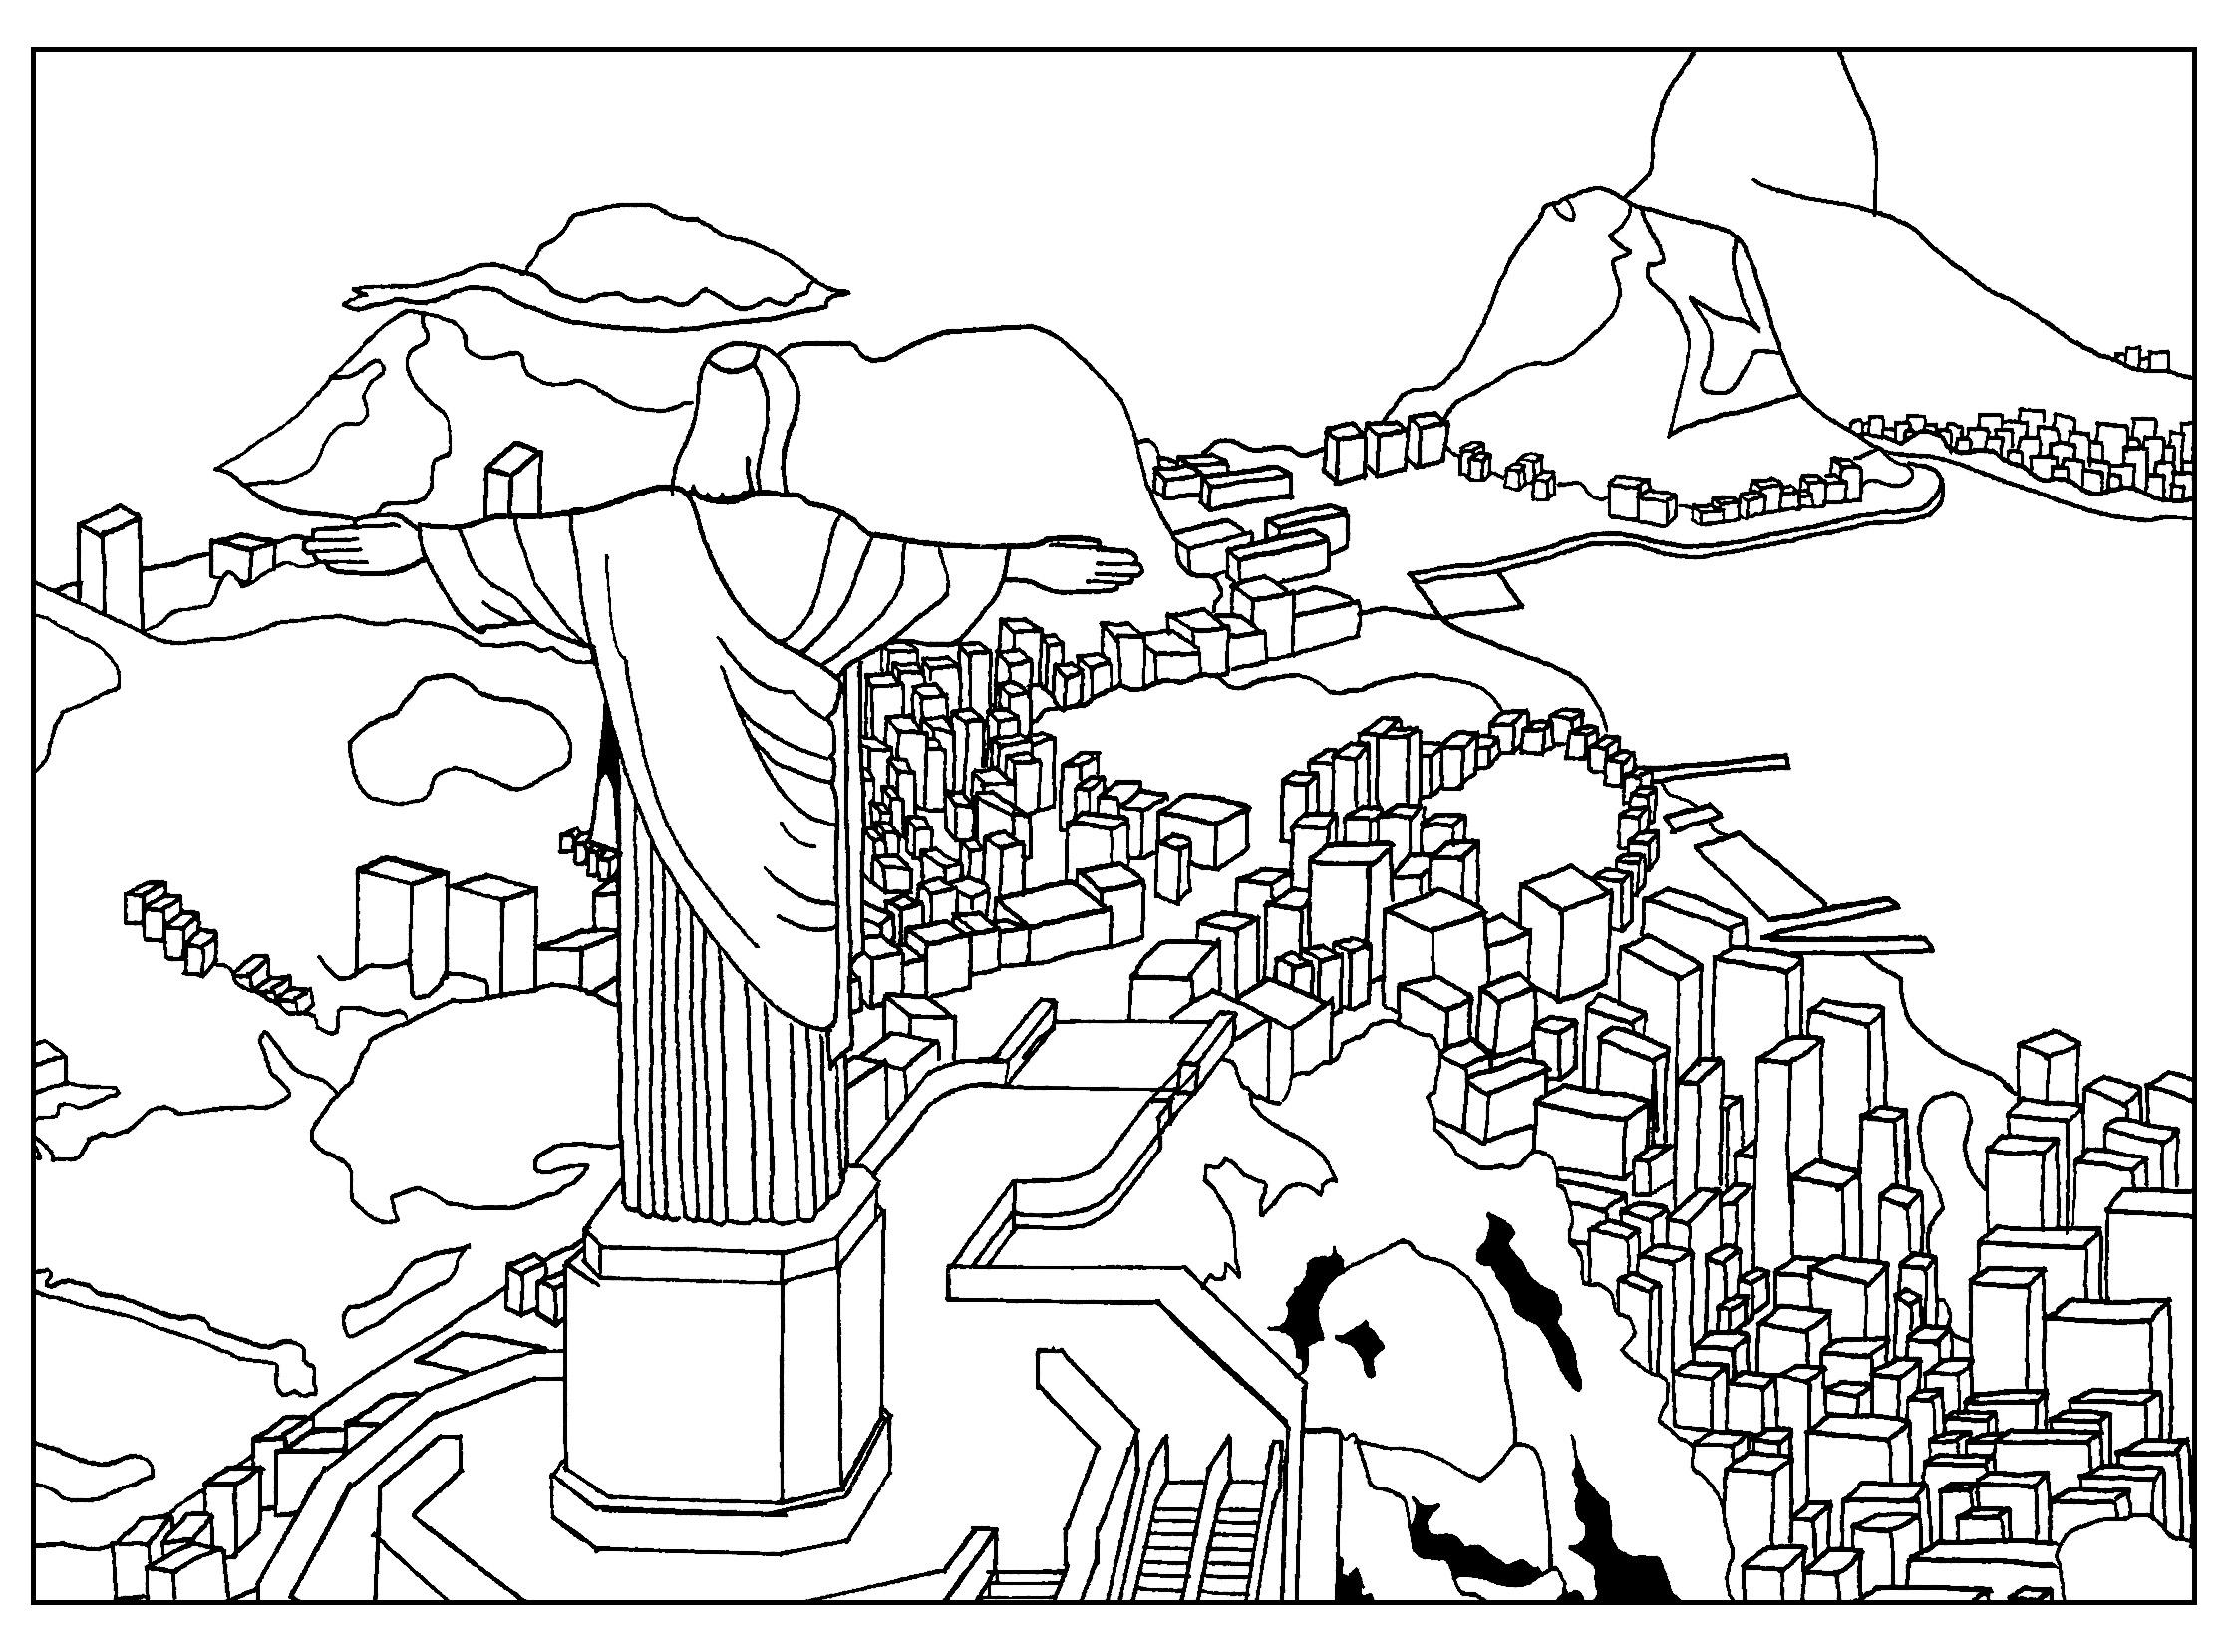 Vue de la ville de Rio De Janeiro avec en premier plan la Statue du Christ rédempteur, par Sofian